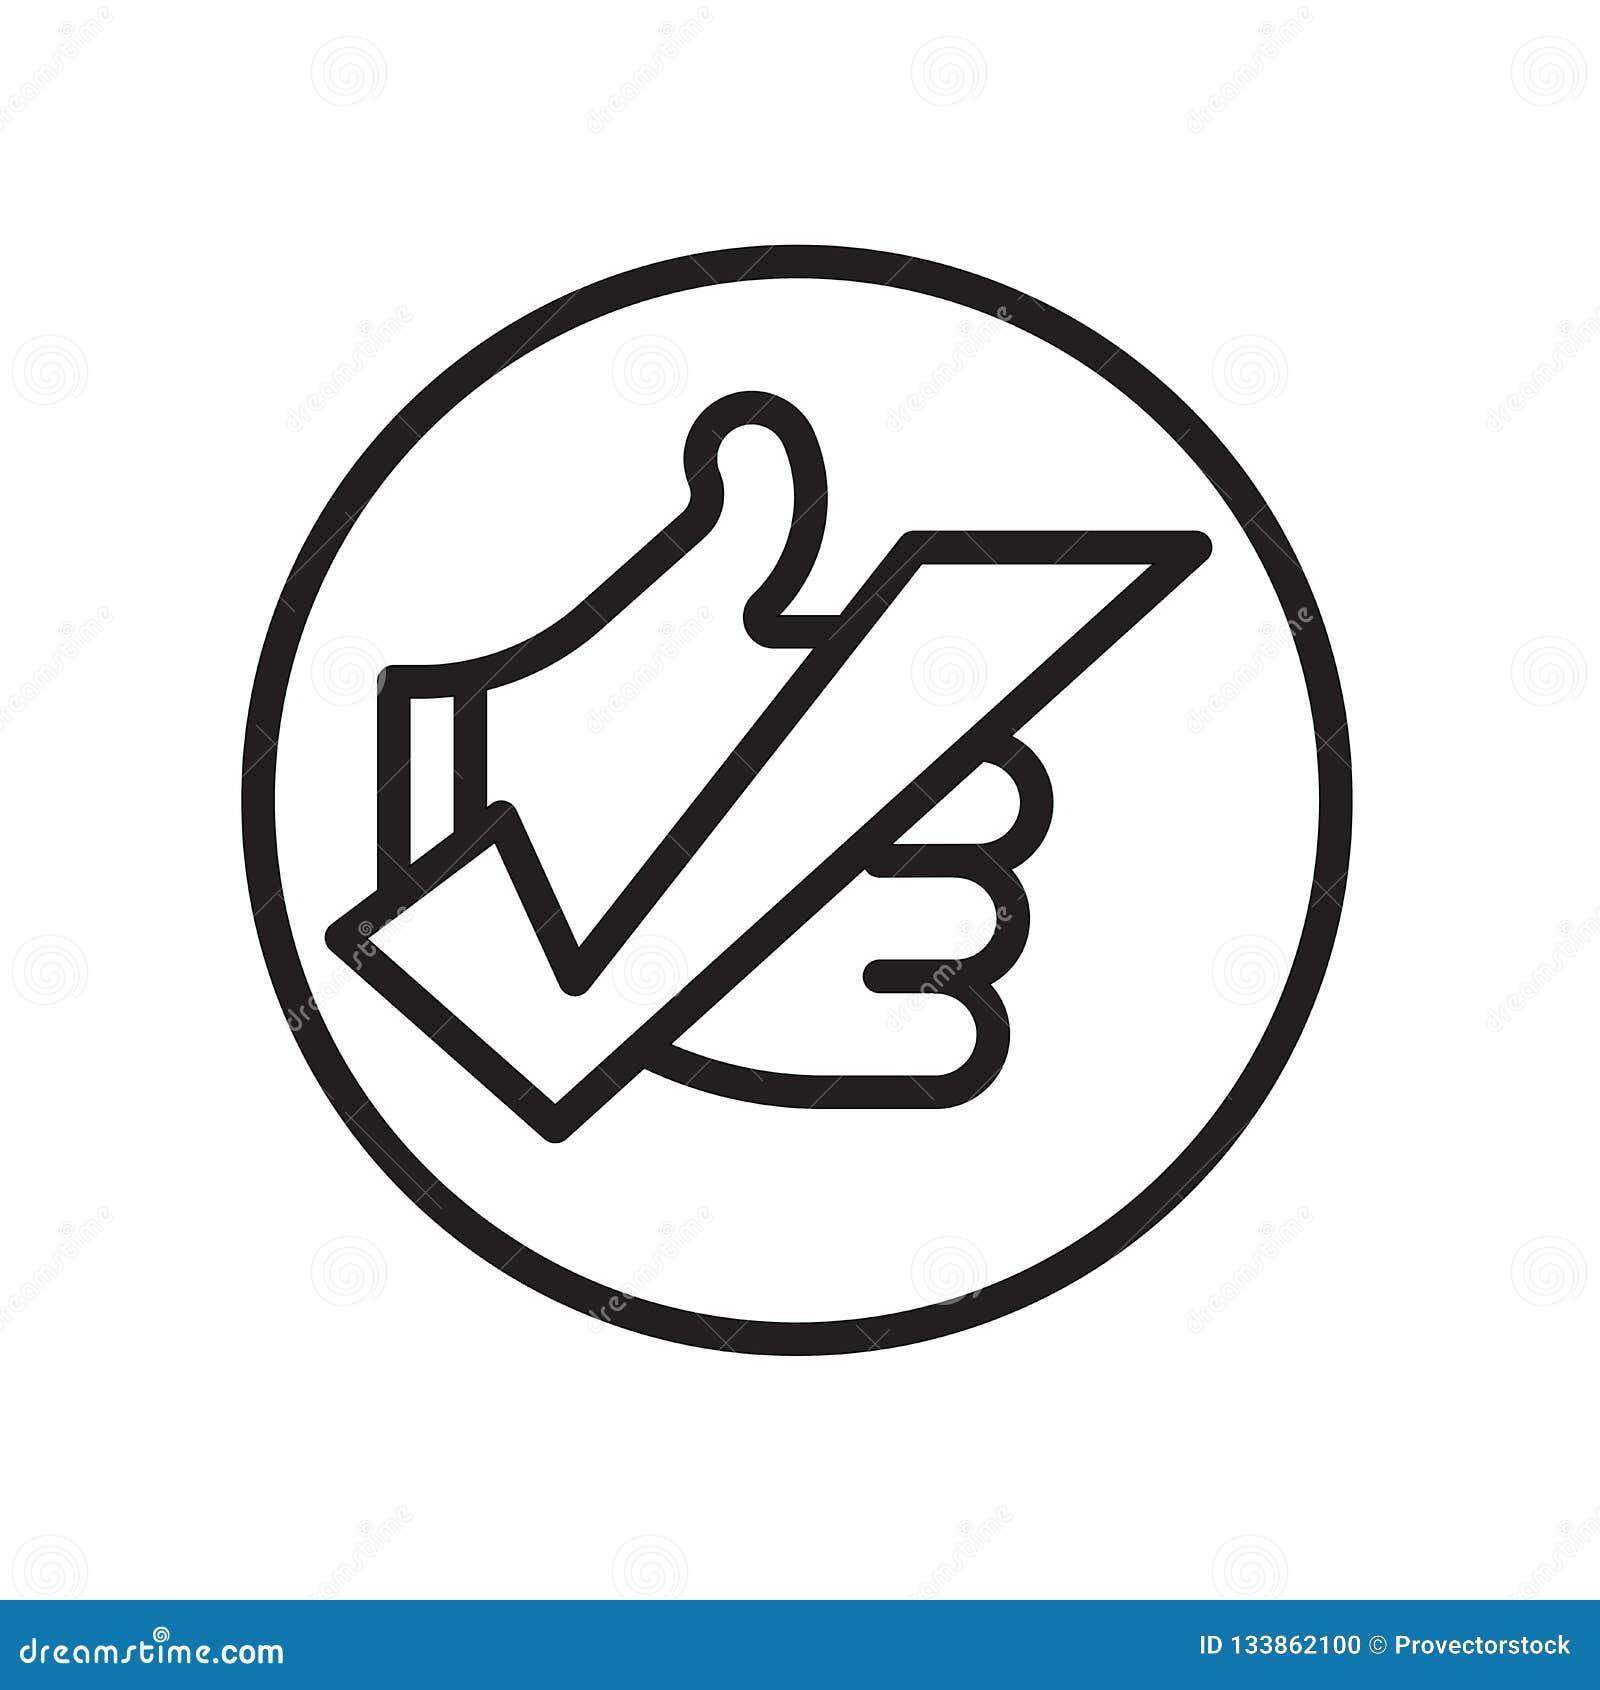 okey icon isolated on white background